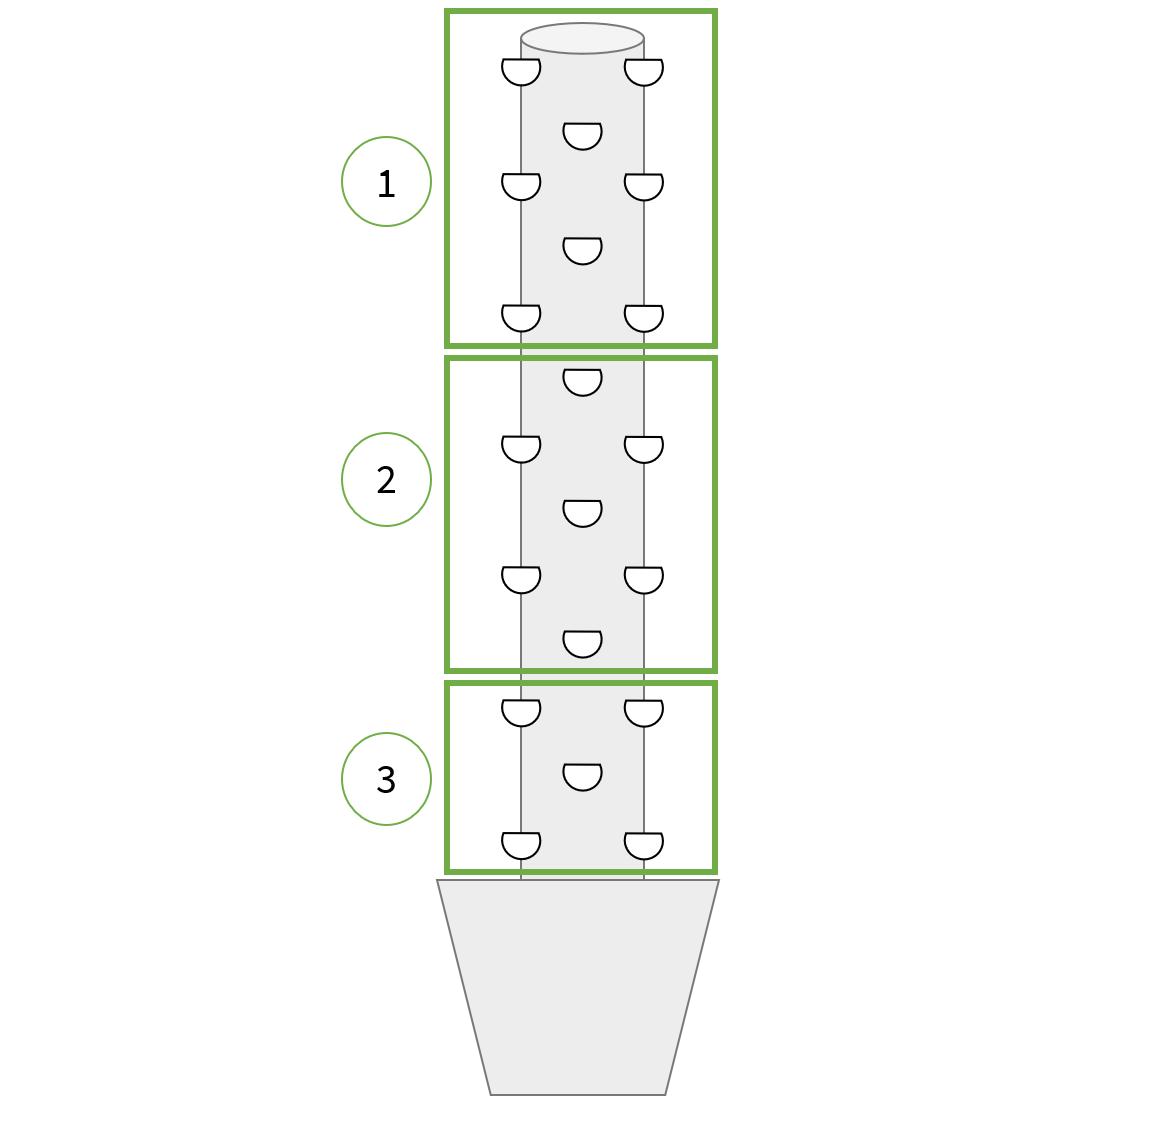 Schéma pyramidal de la répartition des plantes dans l'Aerospring